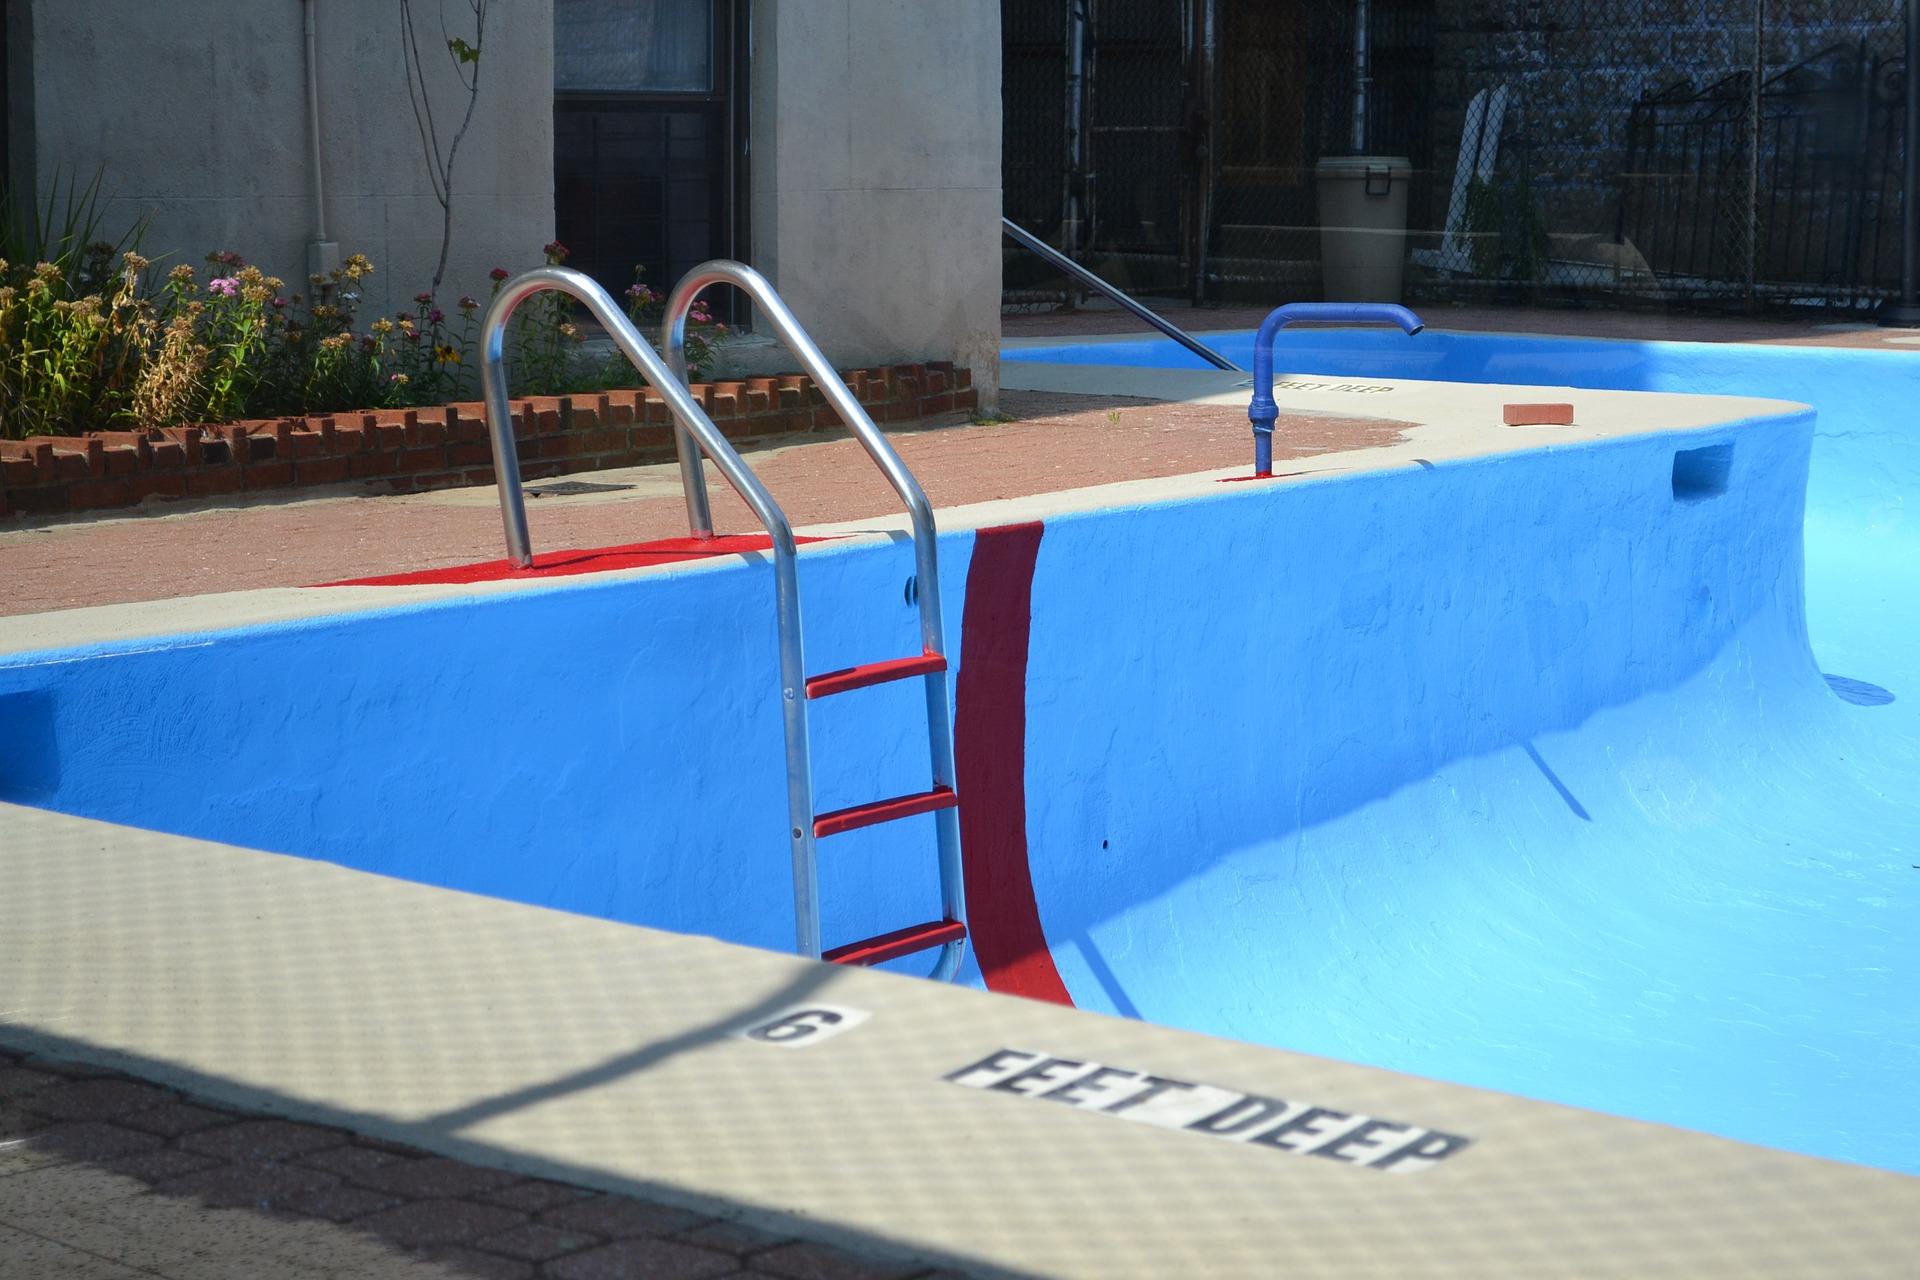 pool-2729085_1920.jpg